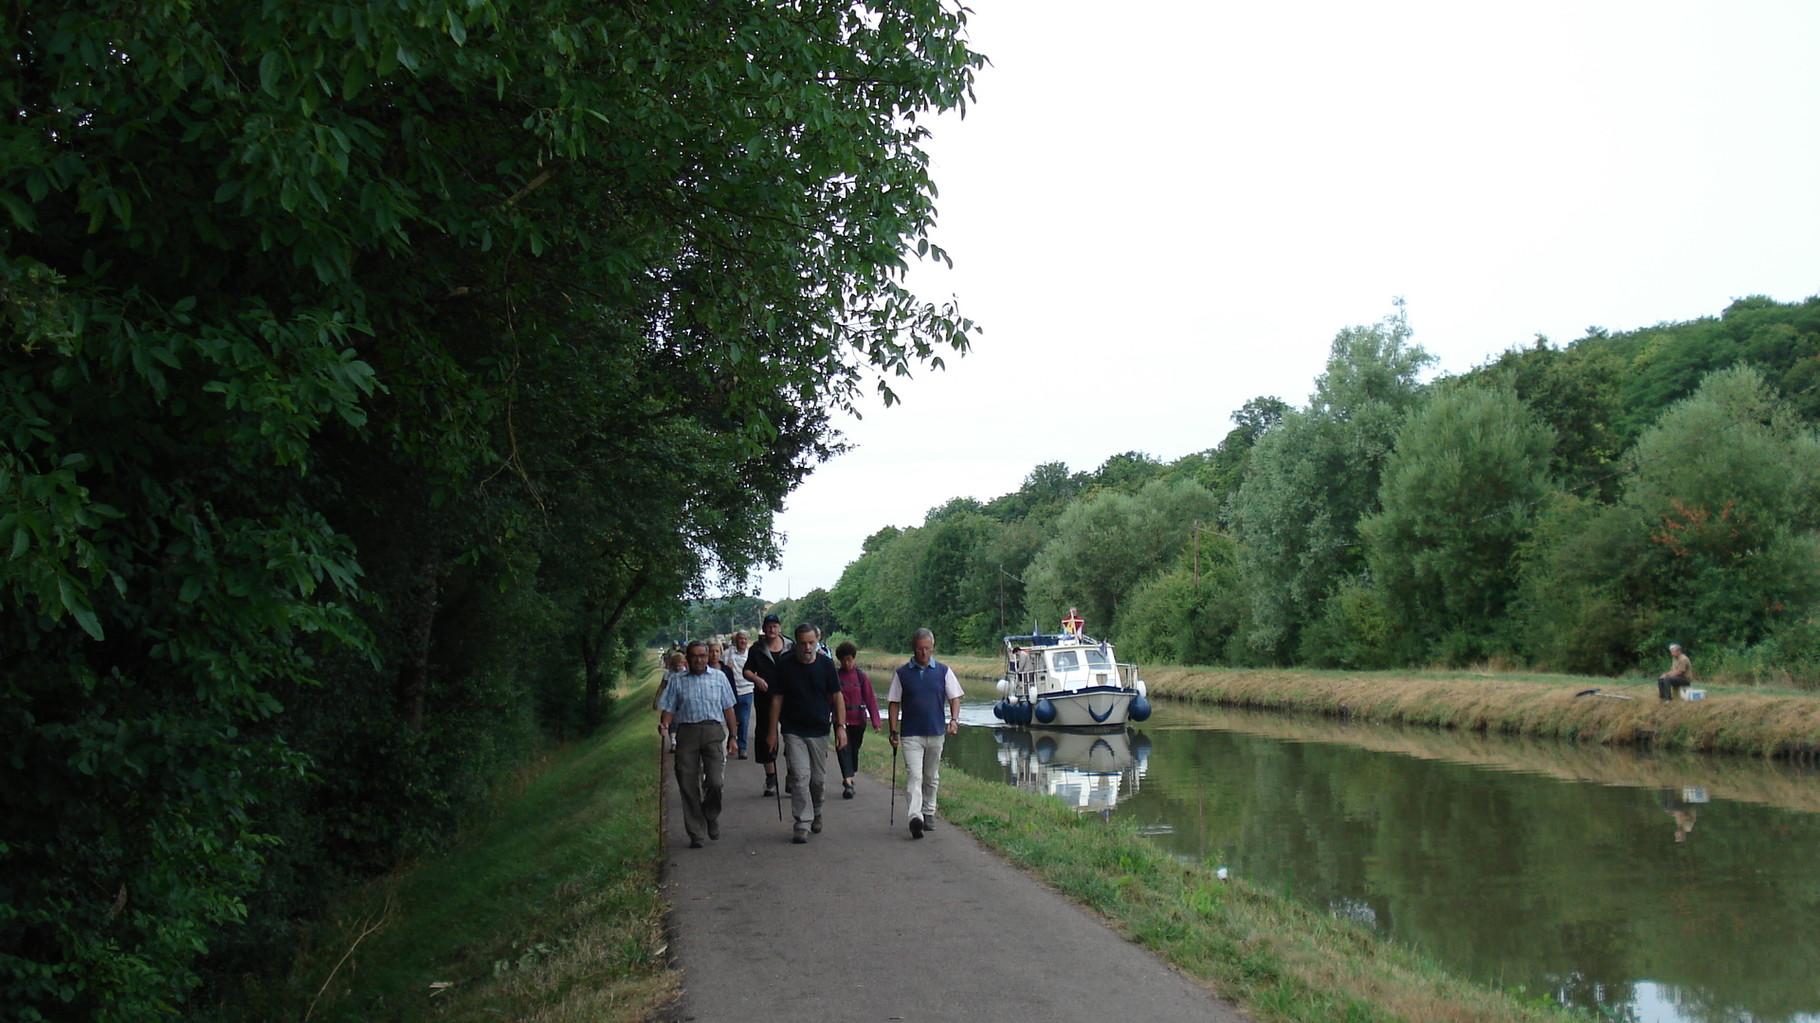 Randonnée le long du canal du Nivernais organisée par le Club de randonnée de Corbigny au départ du port de Chitry-Chaumot